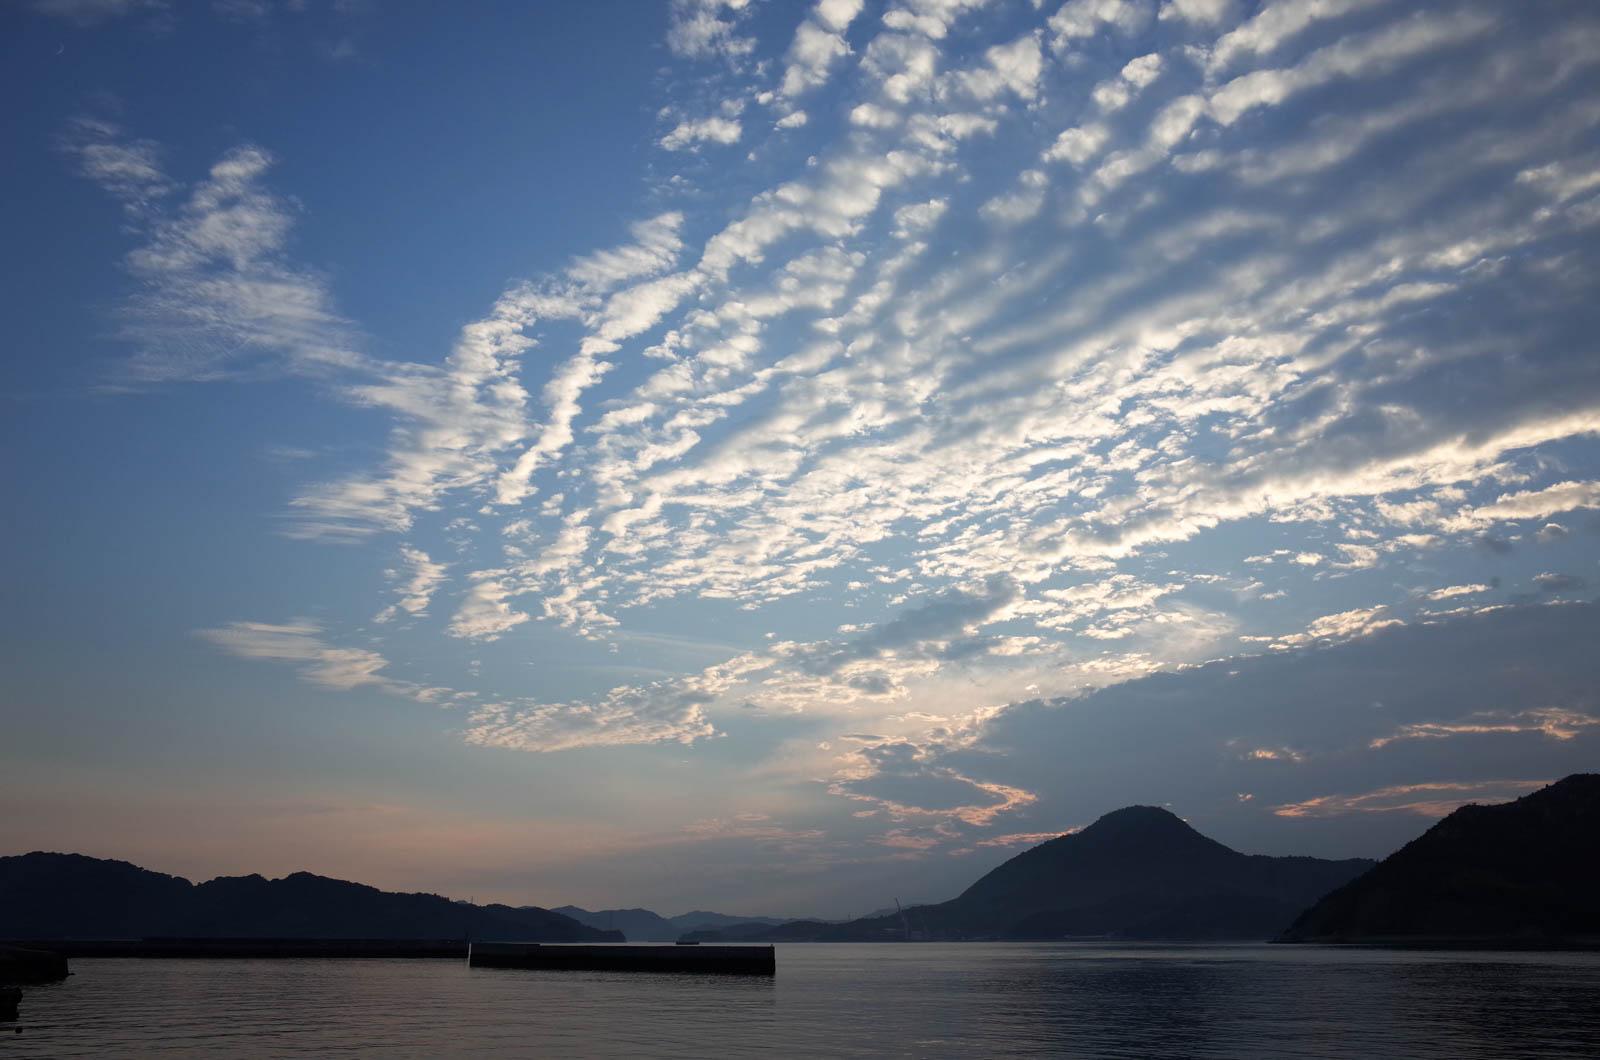 愛媛県・佐島にある古民家ゲストハウス「汐見の家」に泊まった。